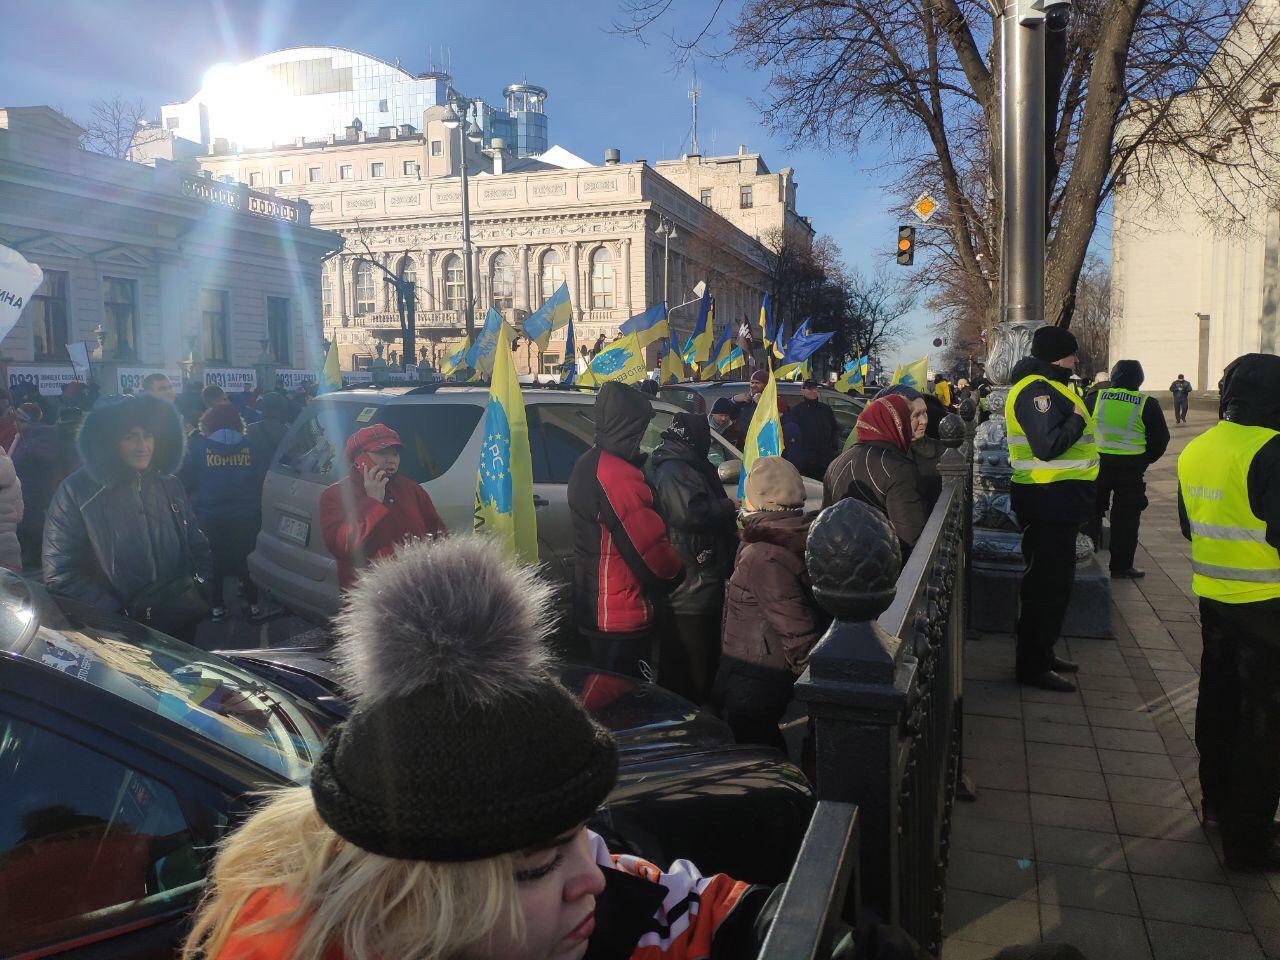 В центр Киева стянуты силы полиции: Сотни людей устроили потасовку возле Парламента